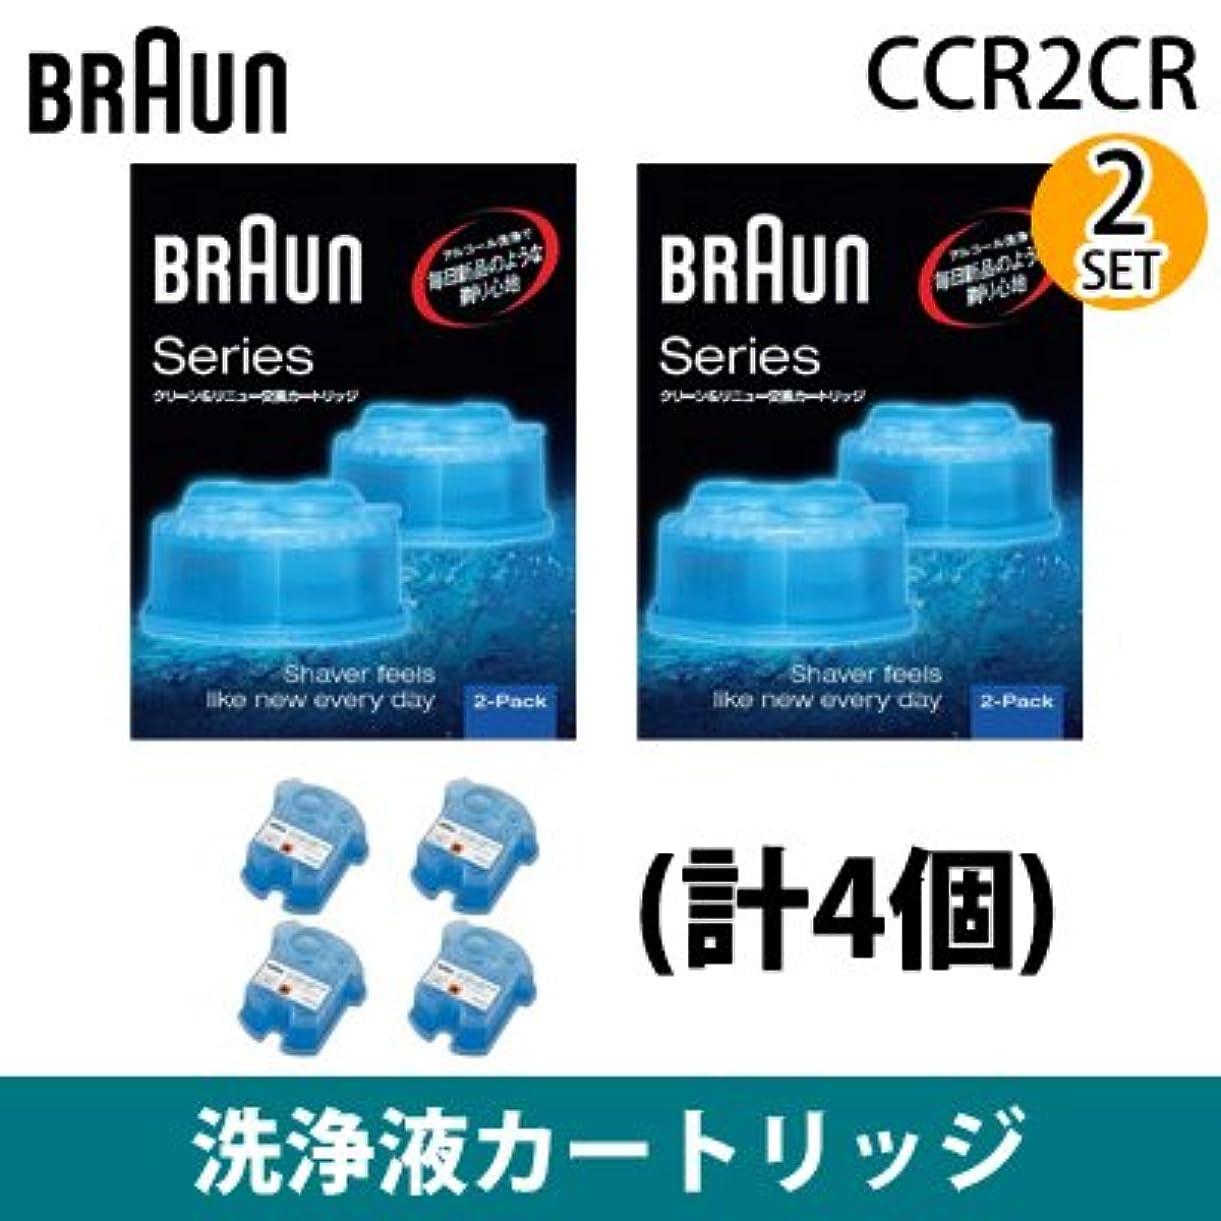 北米ウッズ滅多【2セット】ブラウン メンズシェーバー アルコール洗浄システム専用洗浄液カートリッジ (2個入×2セット)(計4個) CCR2CR-2SET